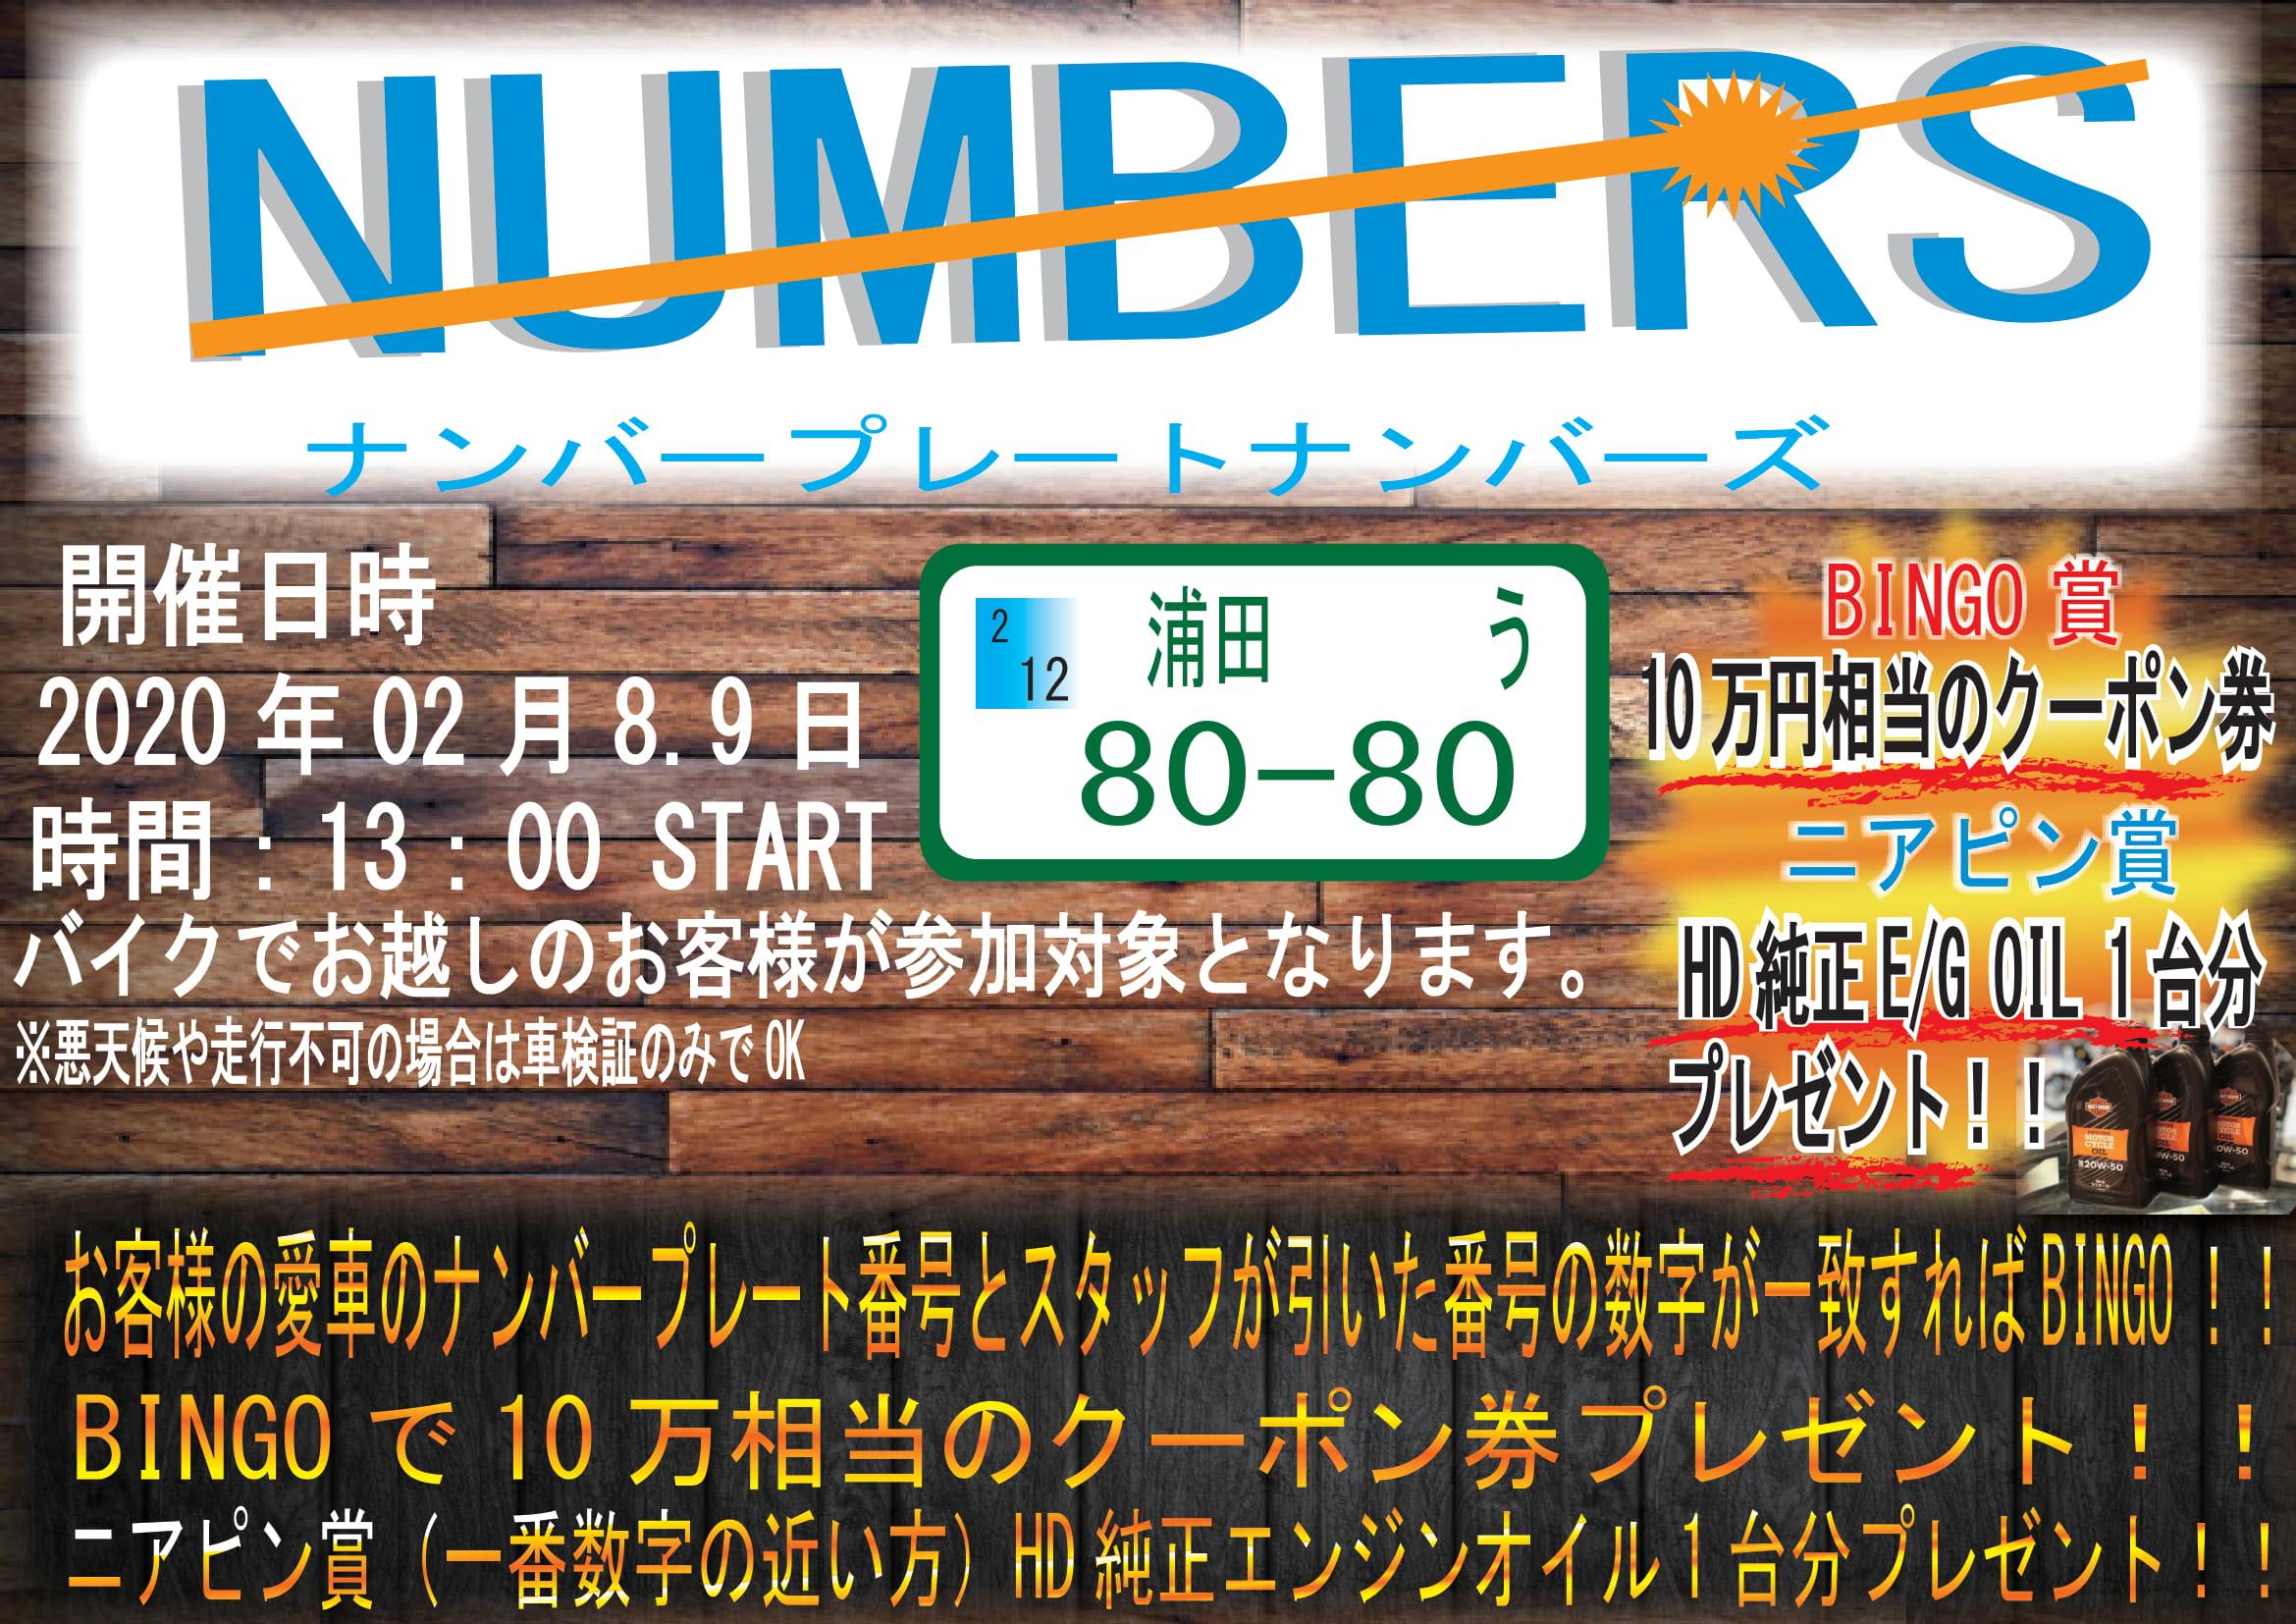 ナンバーズ-1